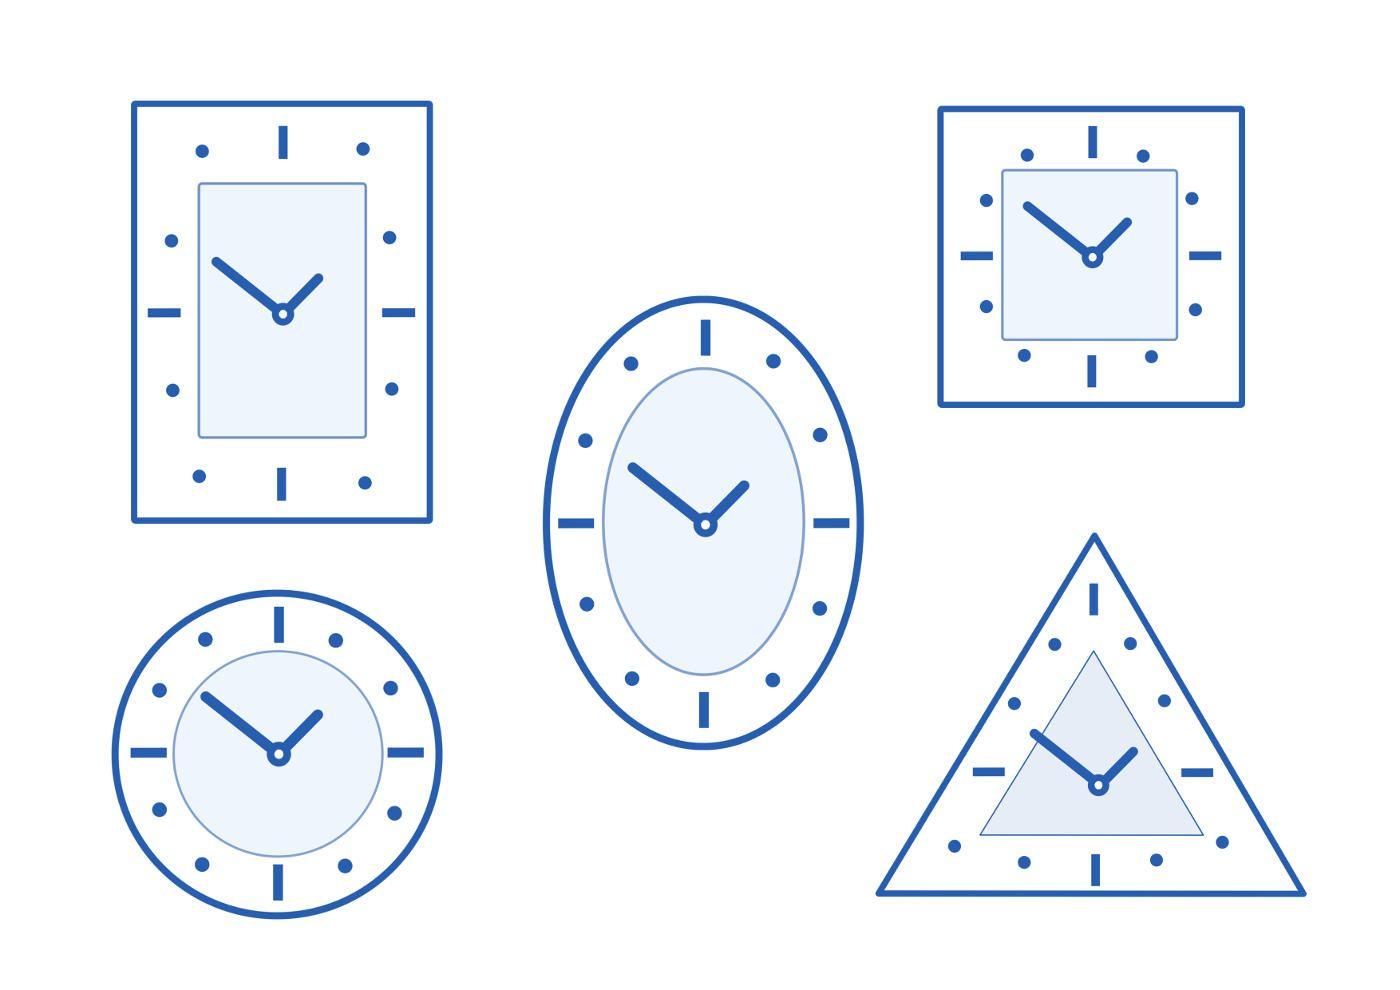 оформить картинки раскраски часов разной формы партнера